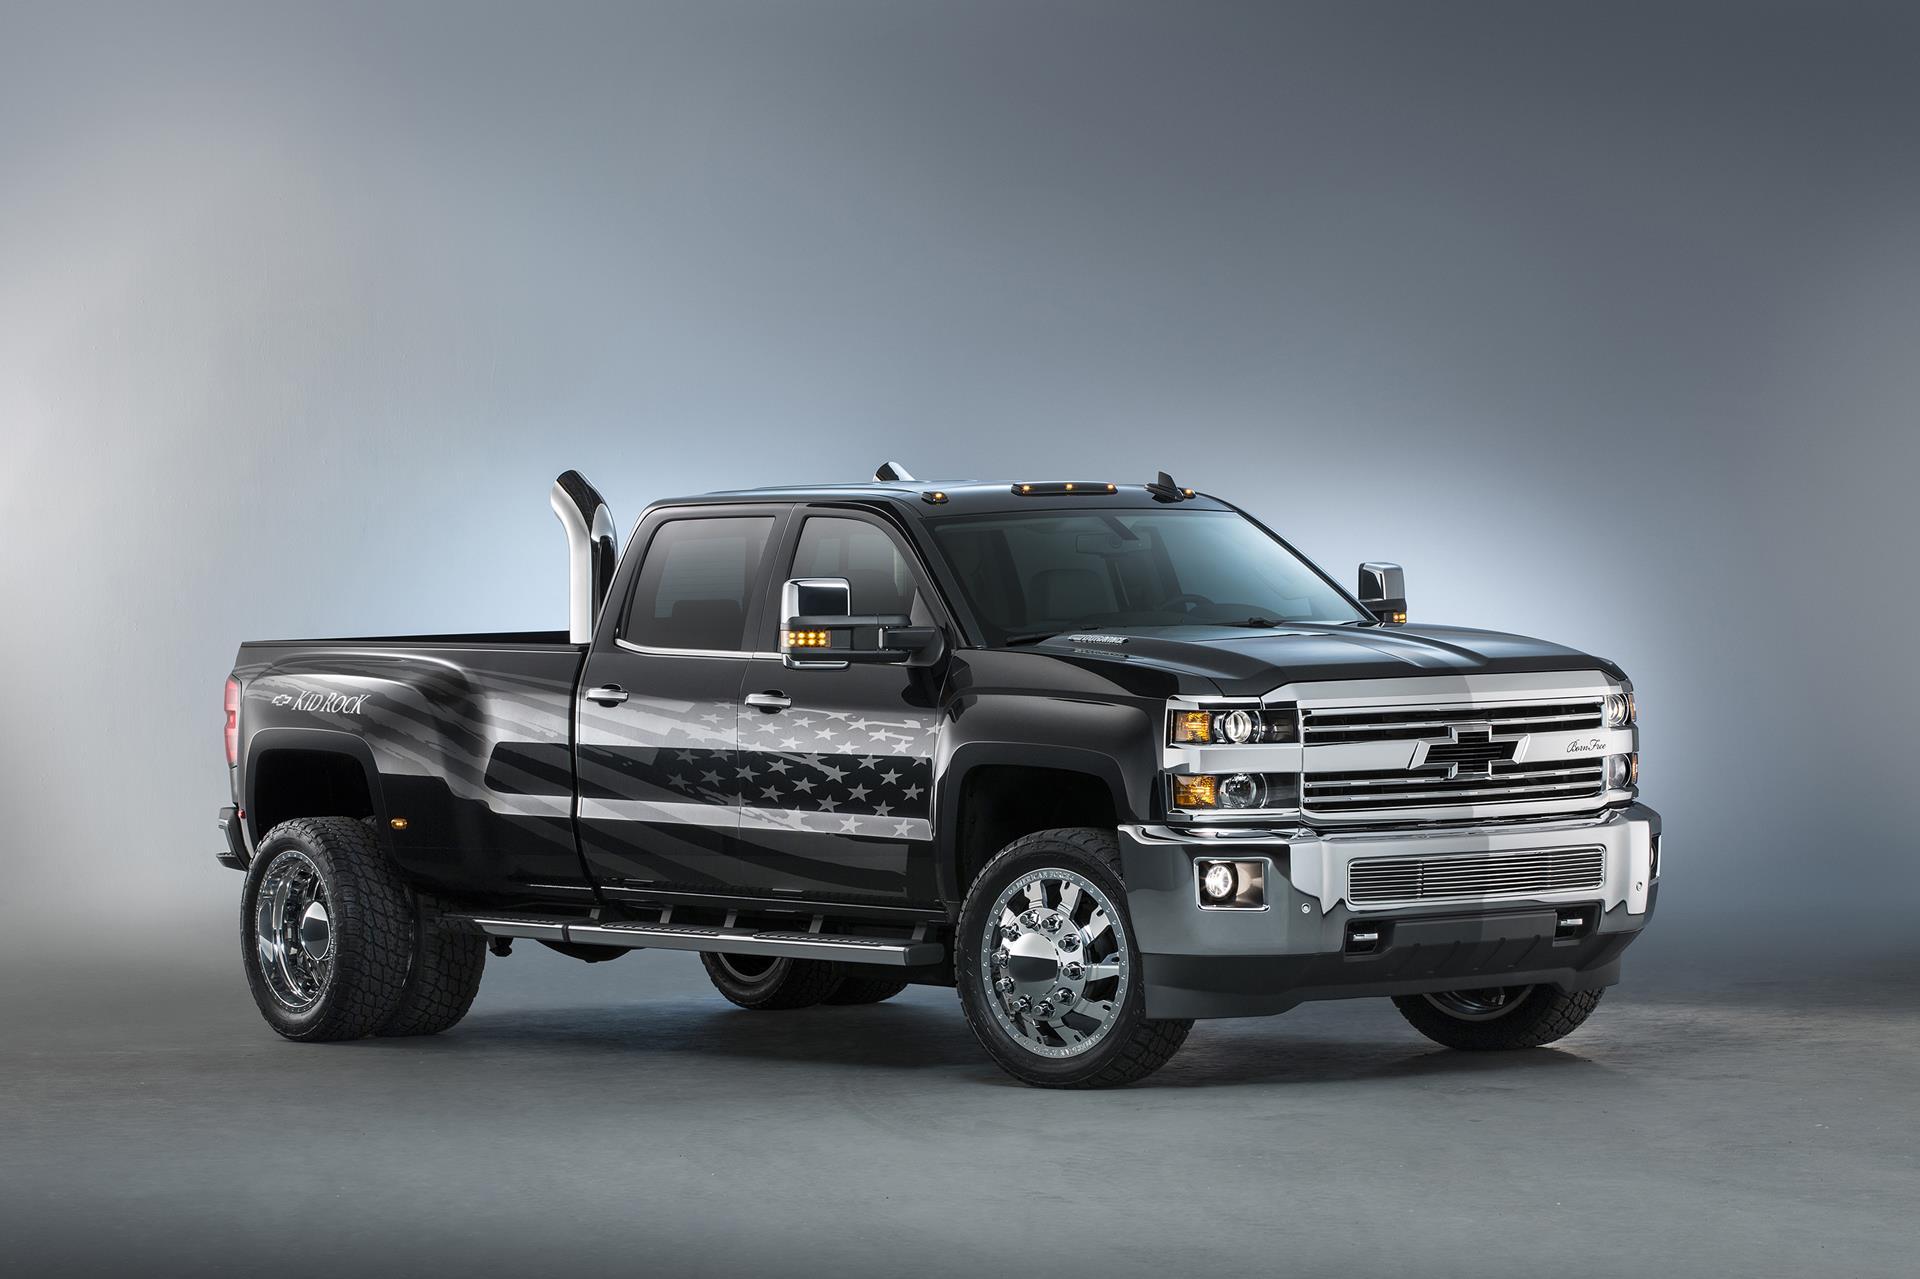 Chevrolet Silverado Hd Kid Rock Concept News And